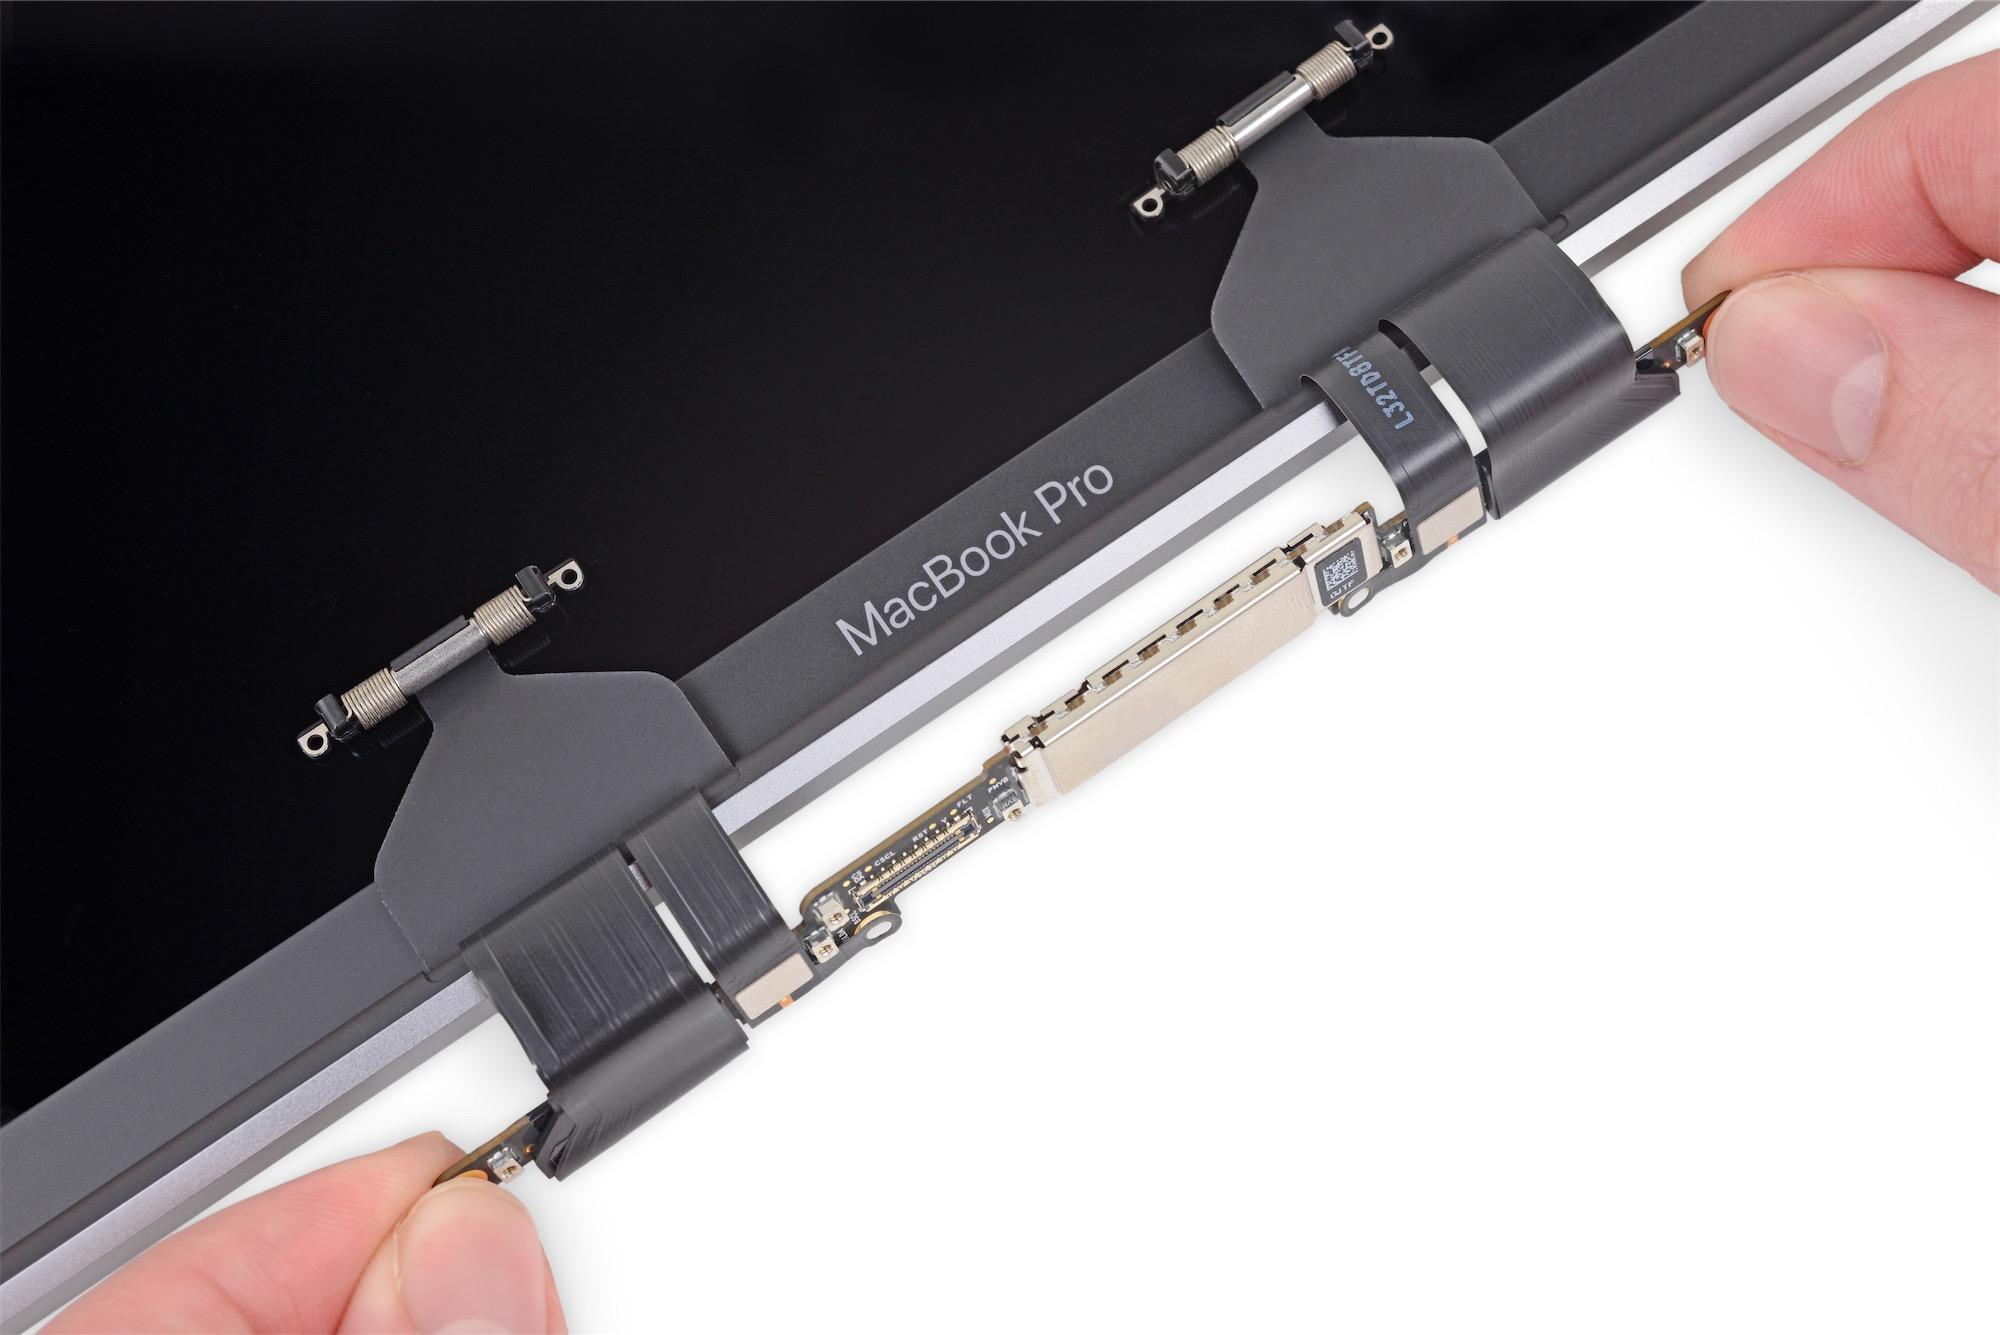 Cabos de conexão do painel à placa lógica no MacBook Pro